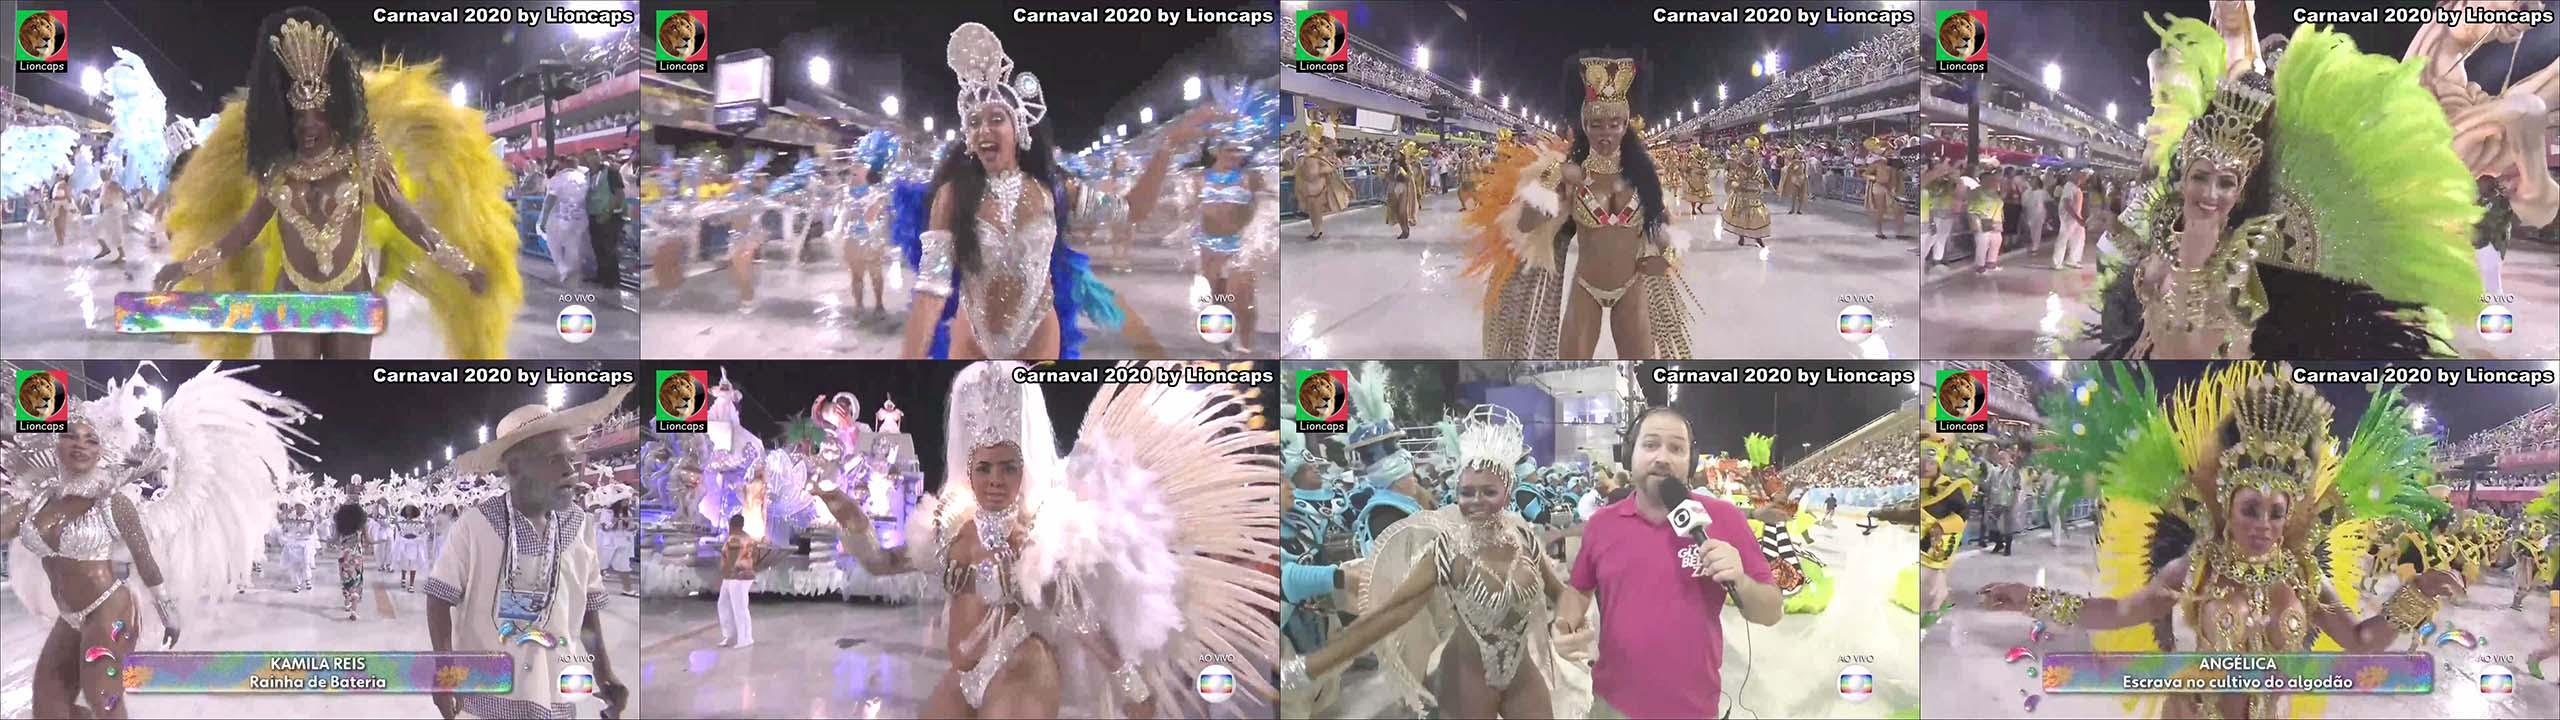 170144724_carnaval_2020_lioncaps_01_03_2020_03_122_249lo.jpg